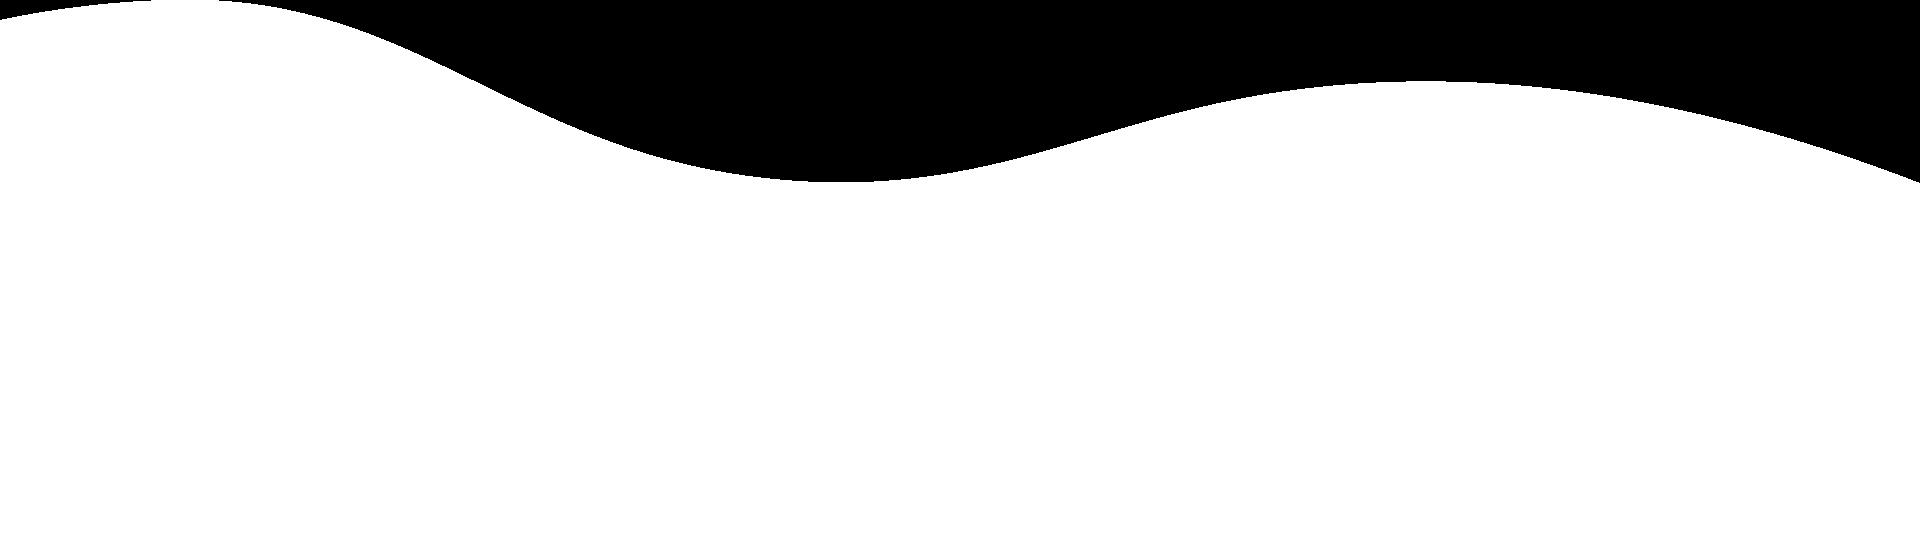 onda_separador_faixa.png